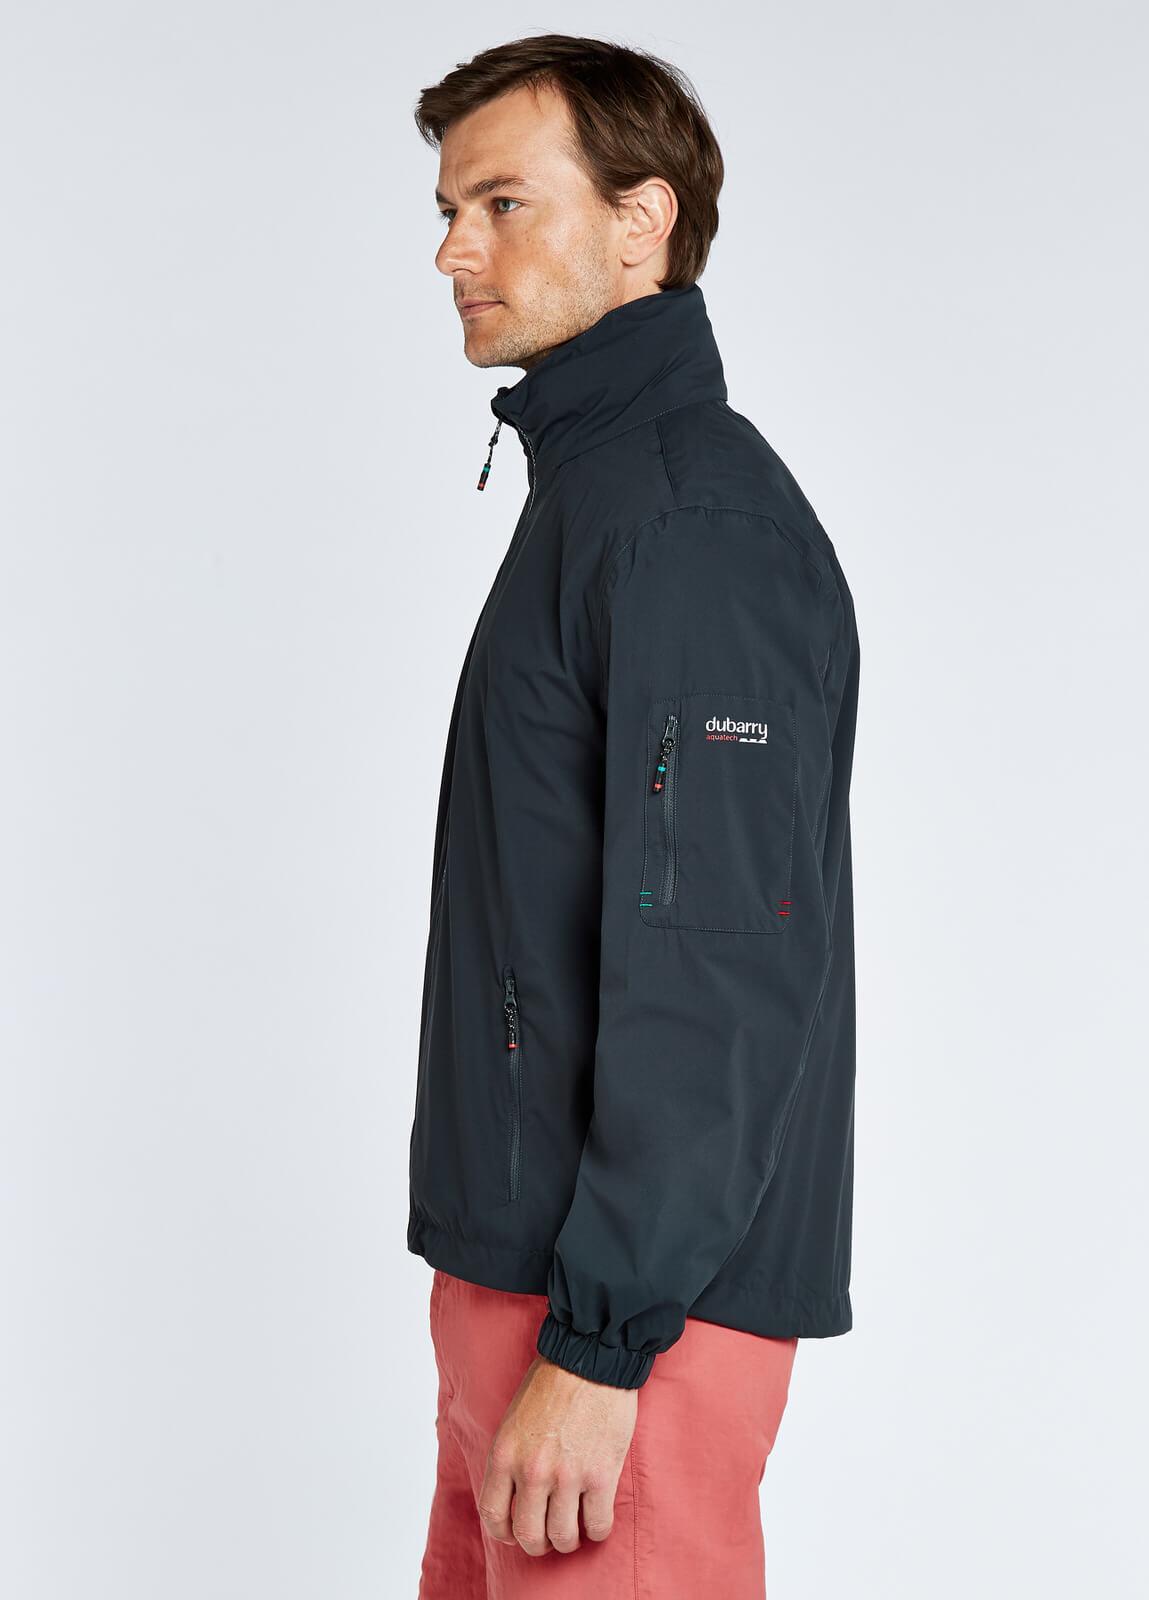 Levanto Men's Crew Jacket - Graphite